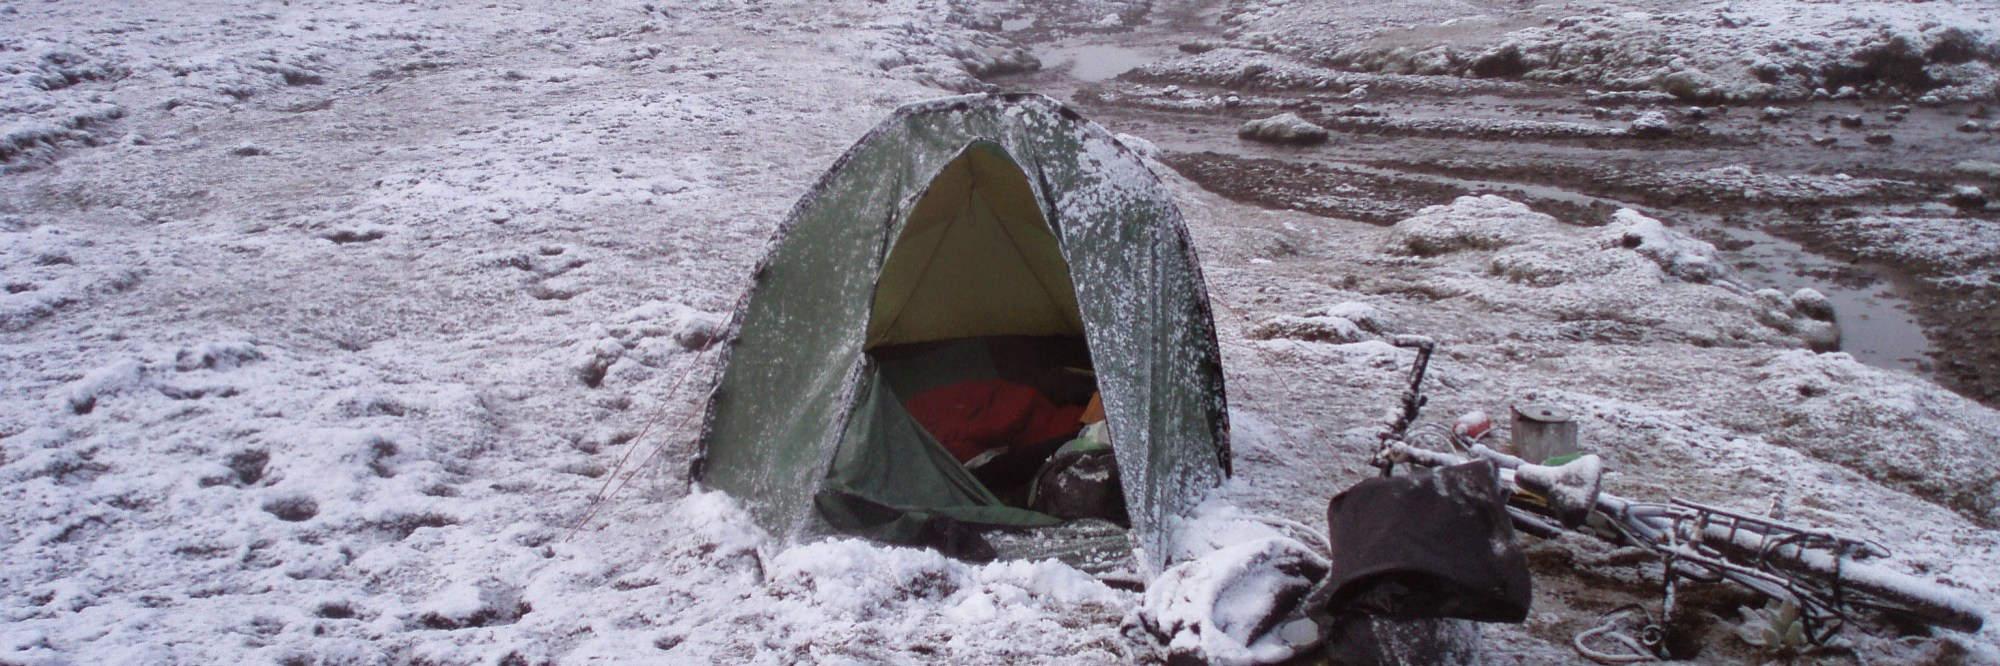 Wildkamperen in de sneeuw